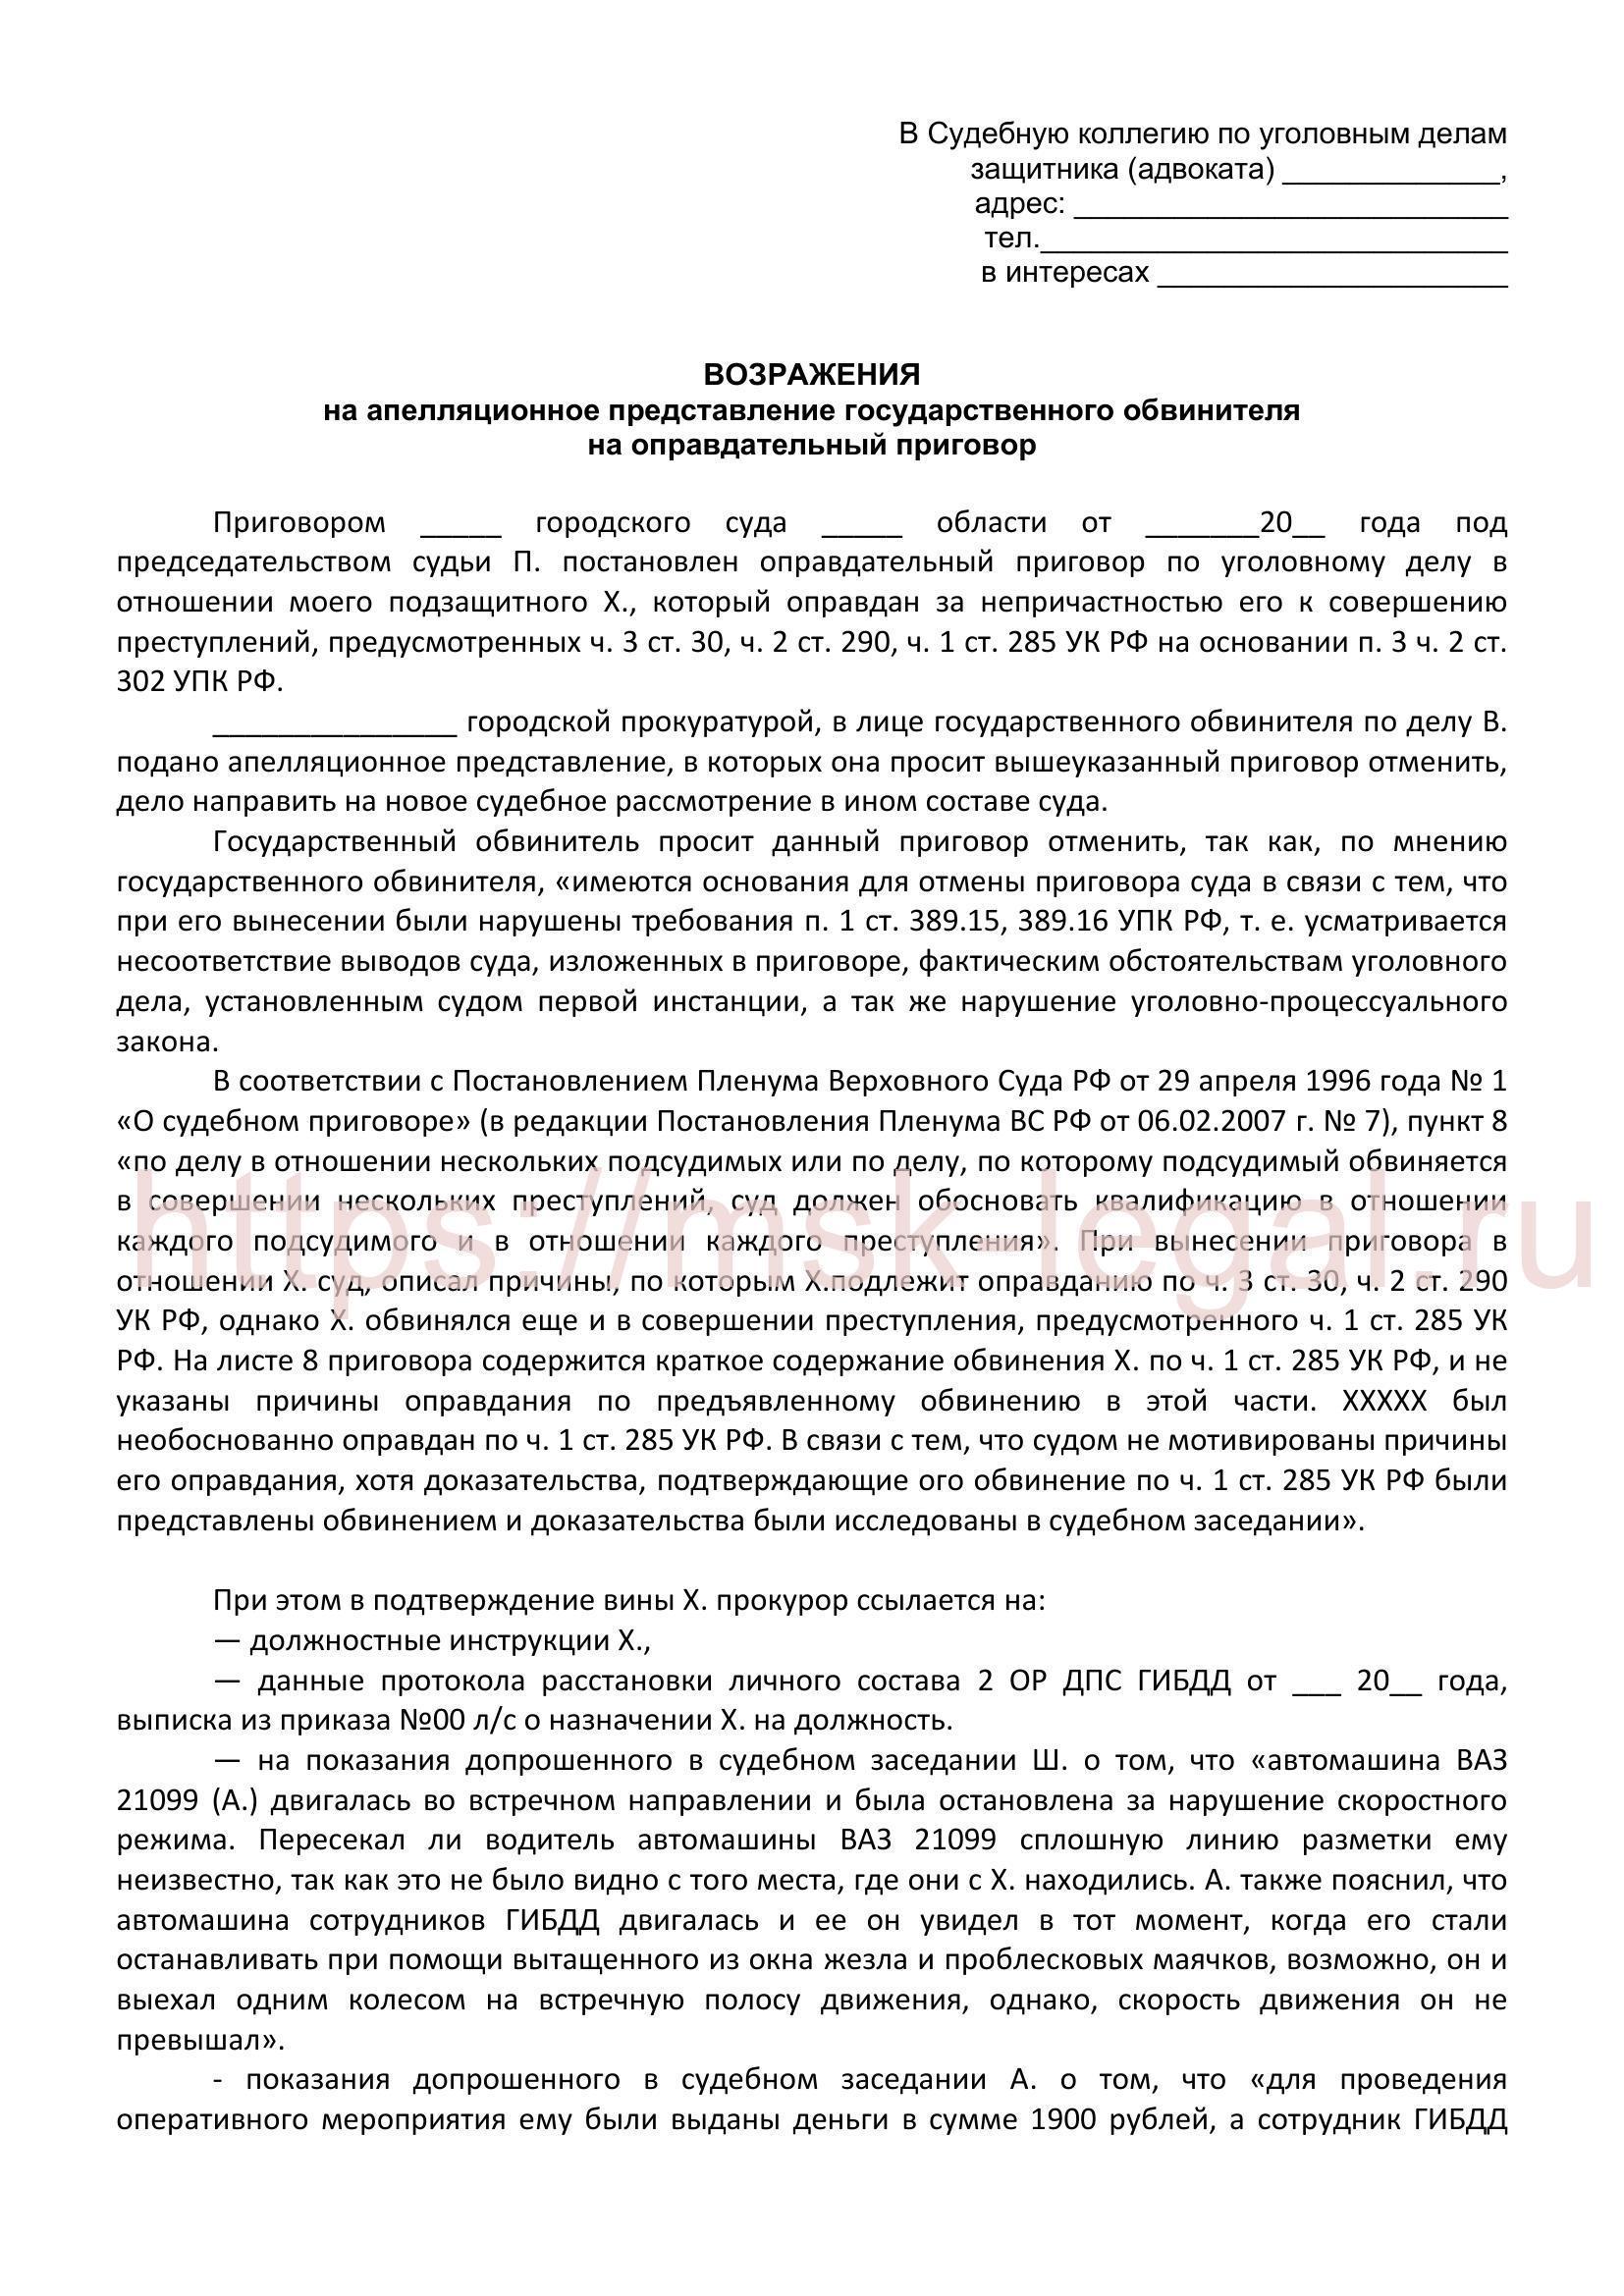 Возражения на кассационное представление гособвинителя на оправдательный приговор по ст. 285, 290 УК РФ